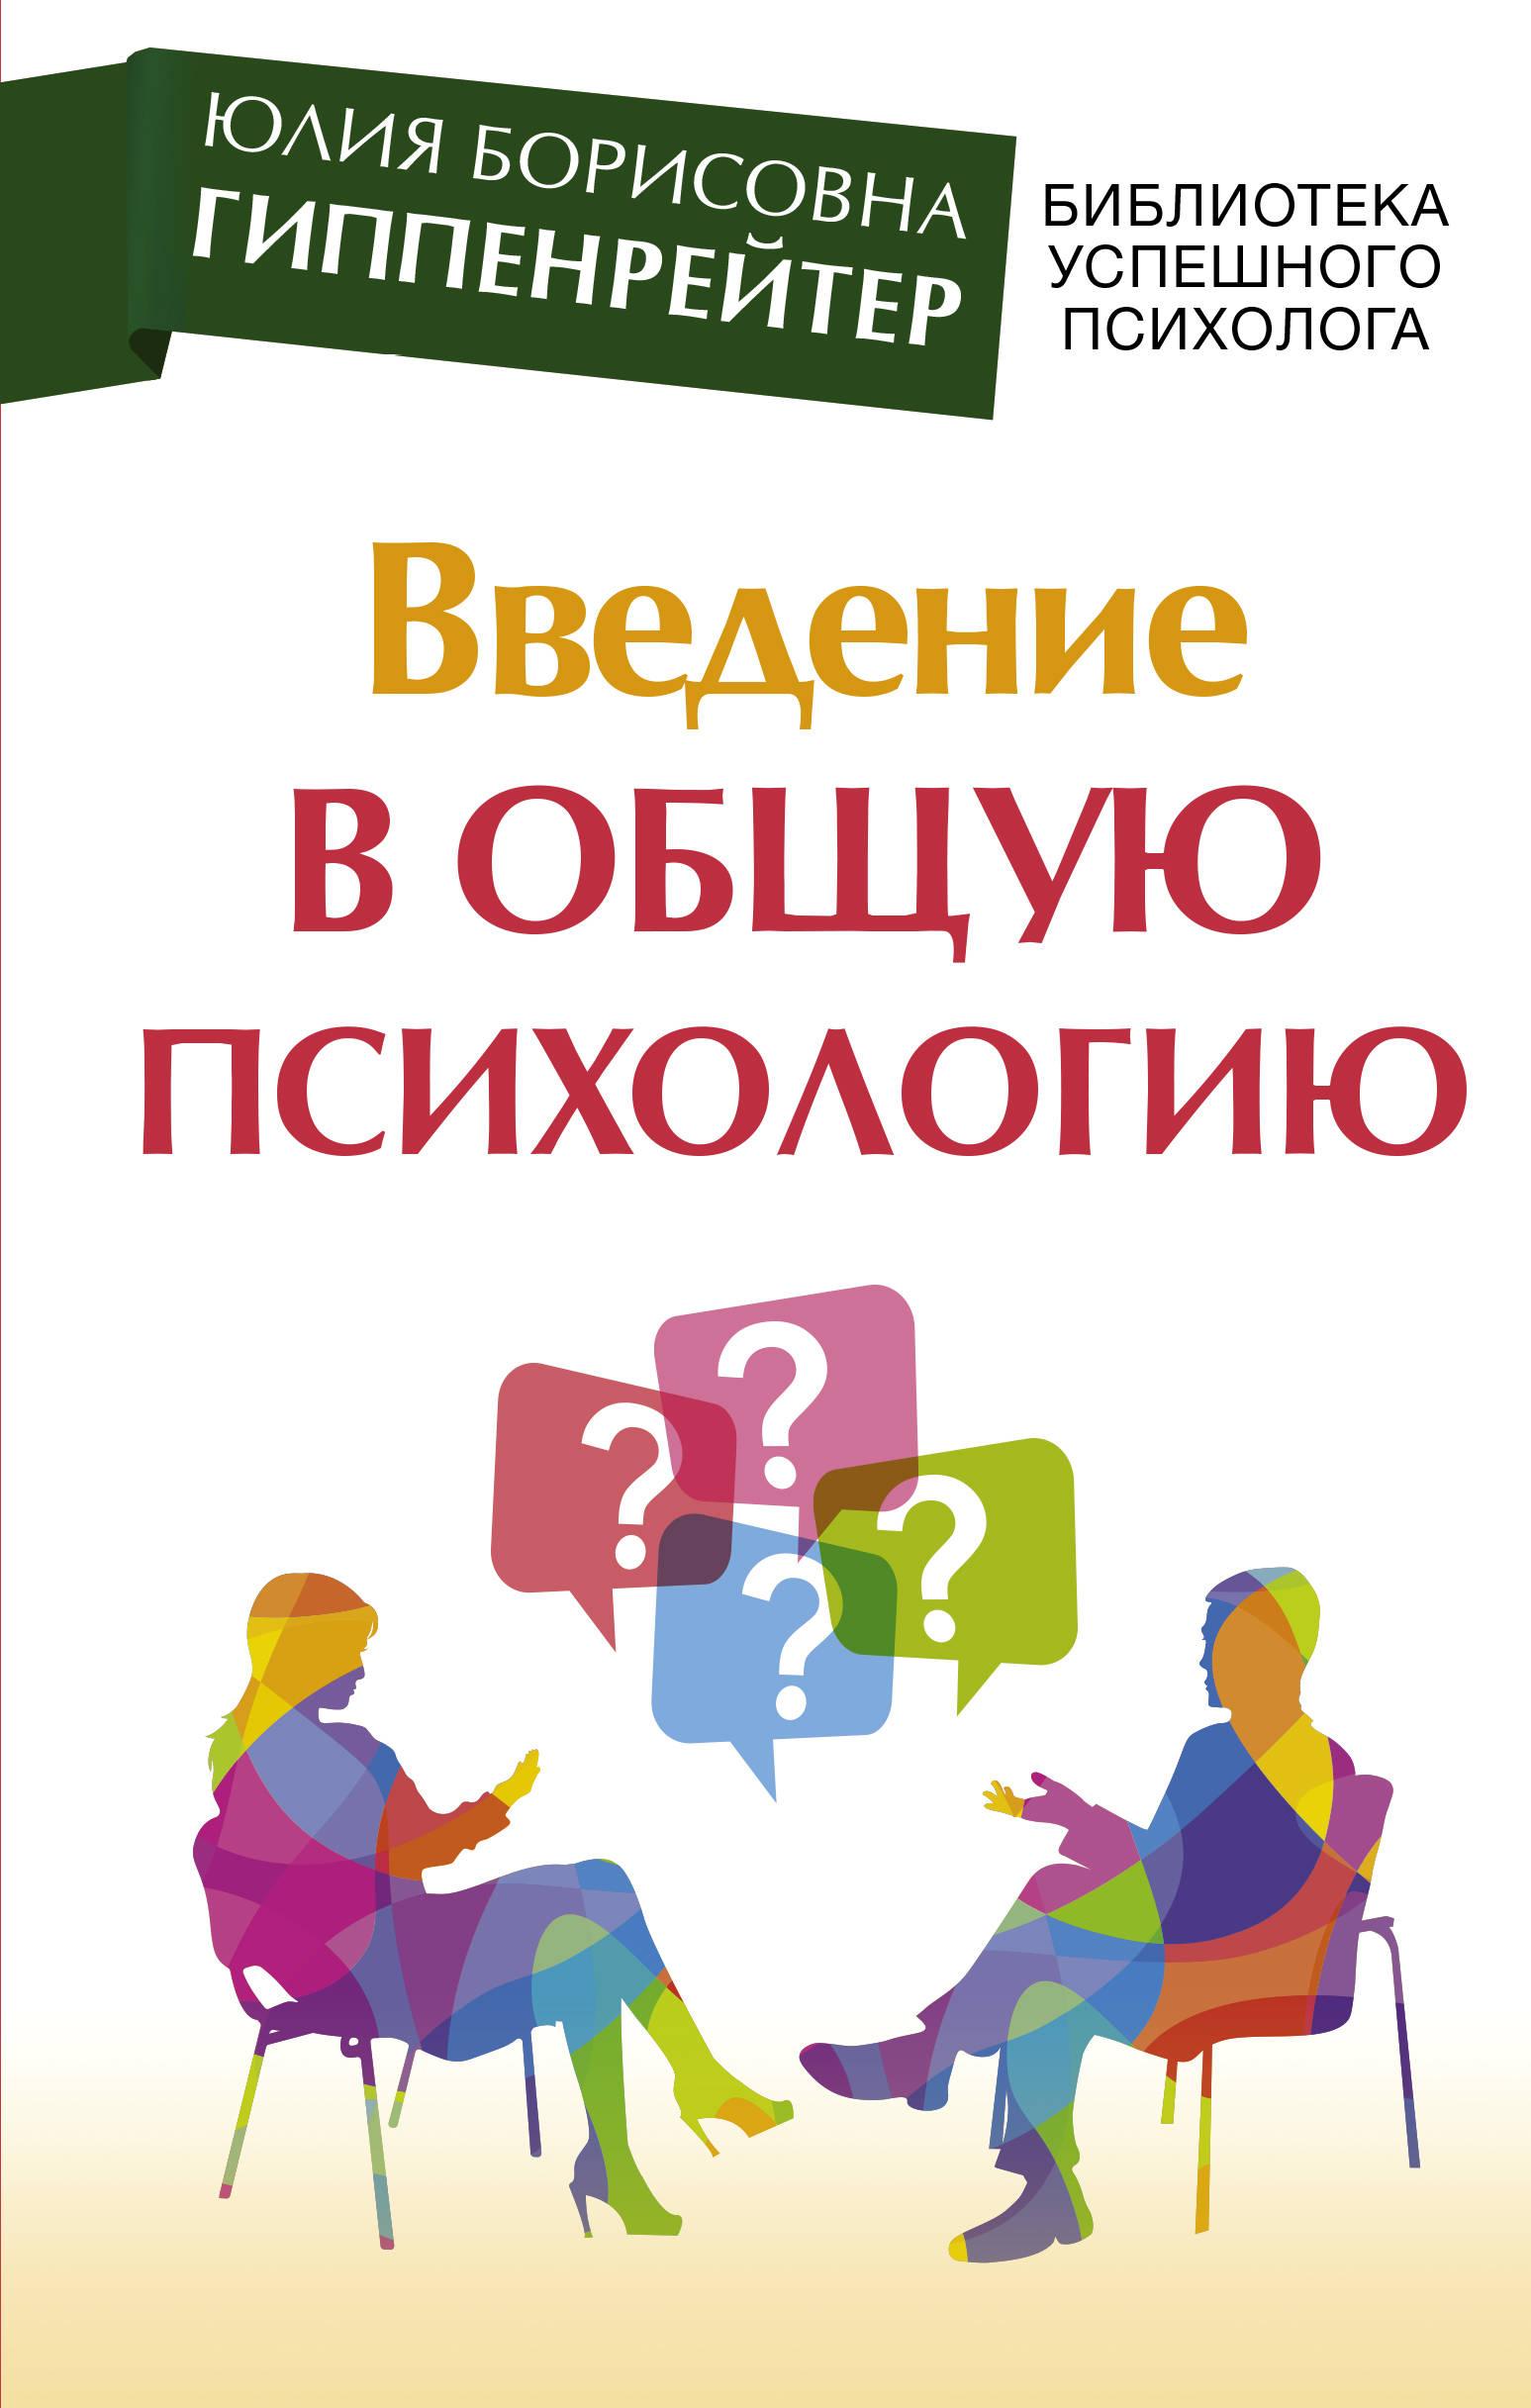 Введение в общую психологию ( Гиппенрейтер Юлия Борисовна  )